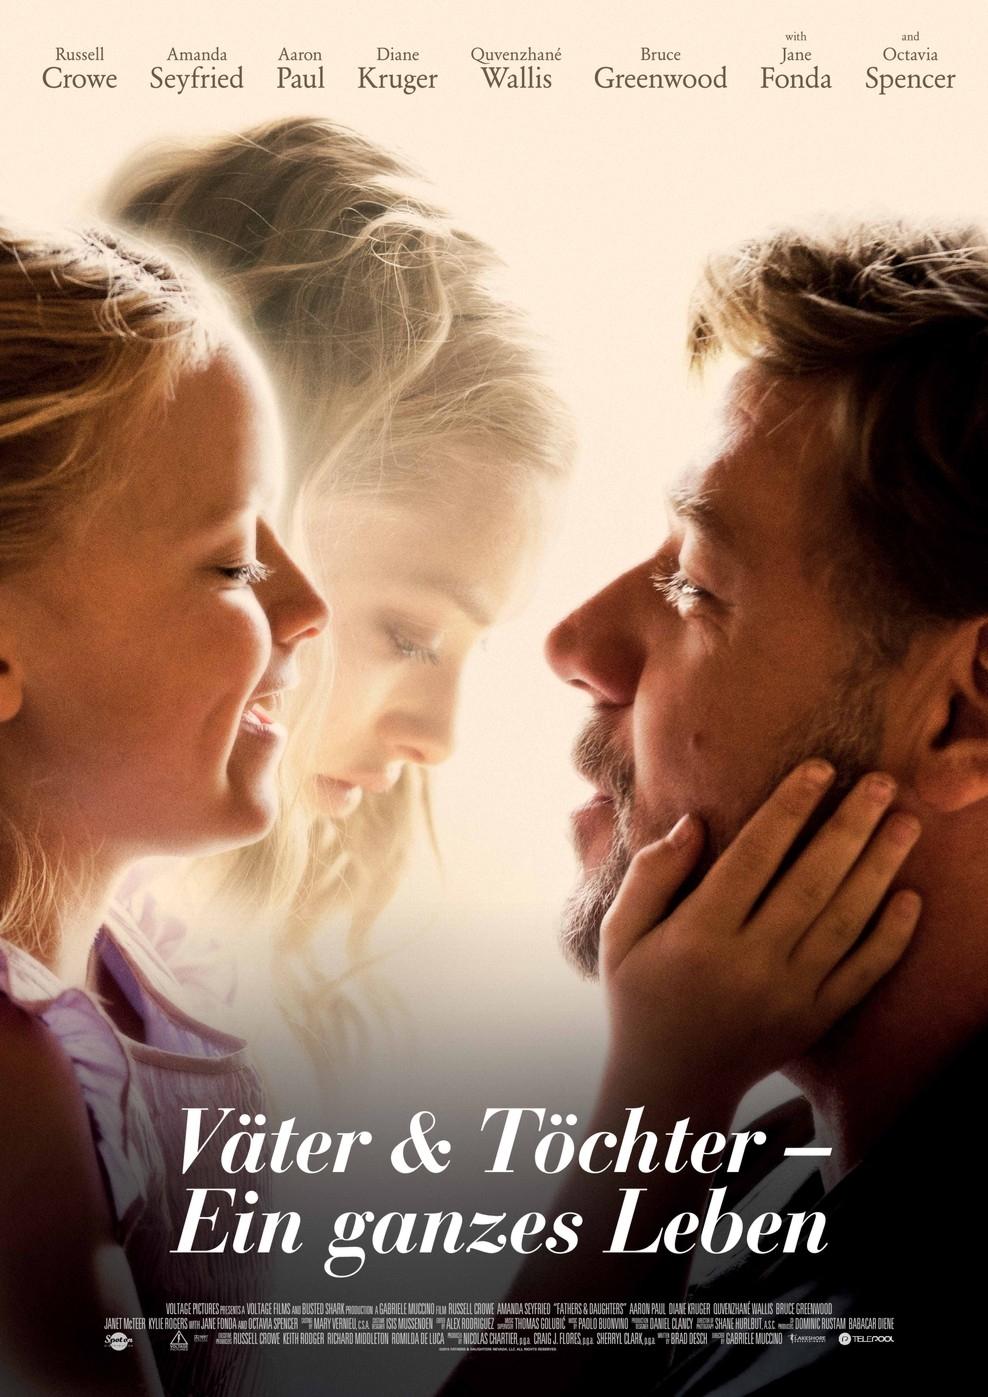 Väter & Töchter - Ein Ganzes Leben